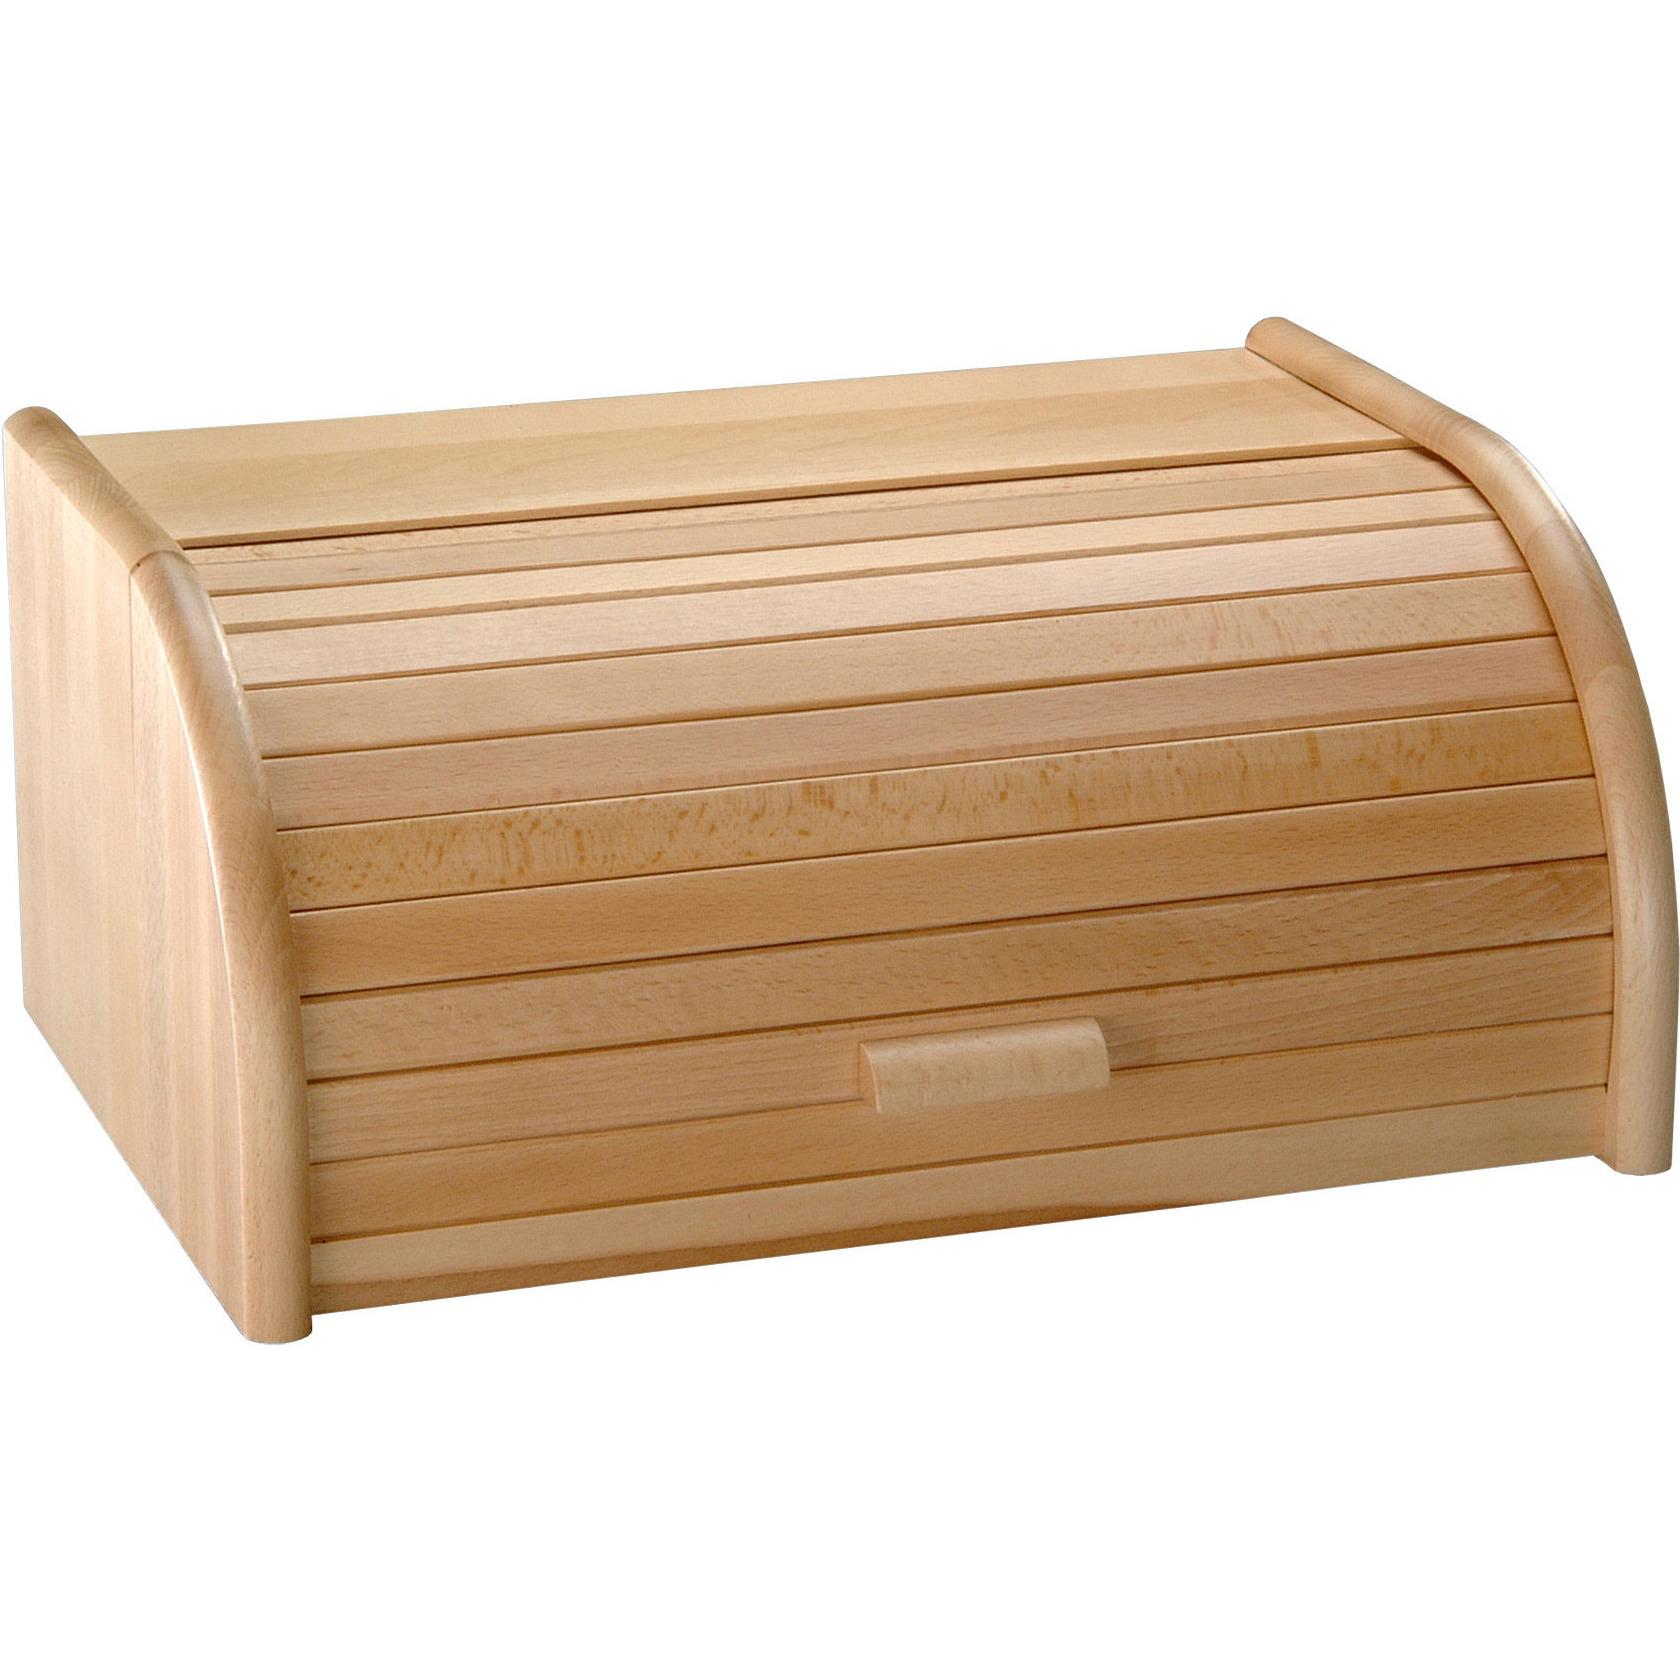 Houten broodtrommel met rolluik 20 x 30 x 15 cm